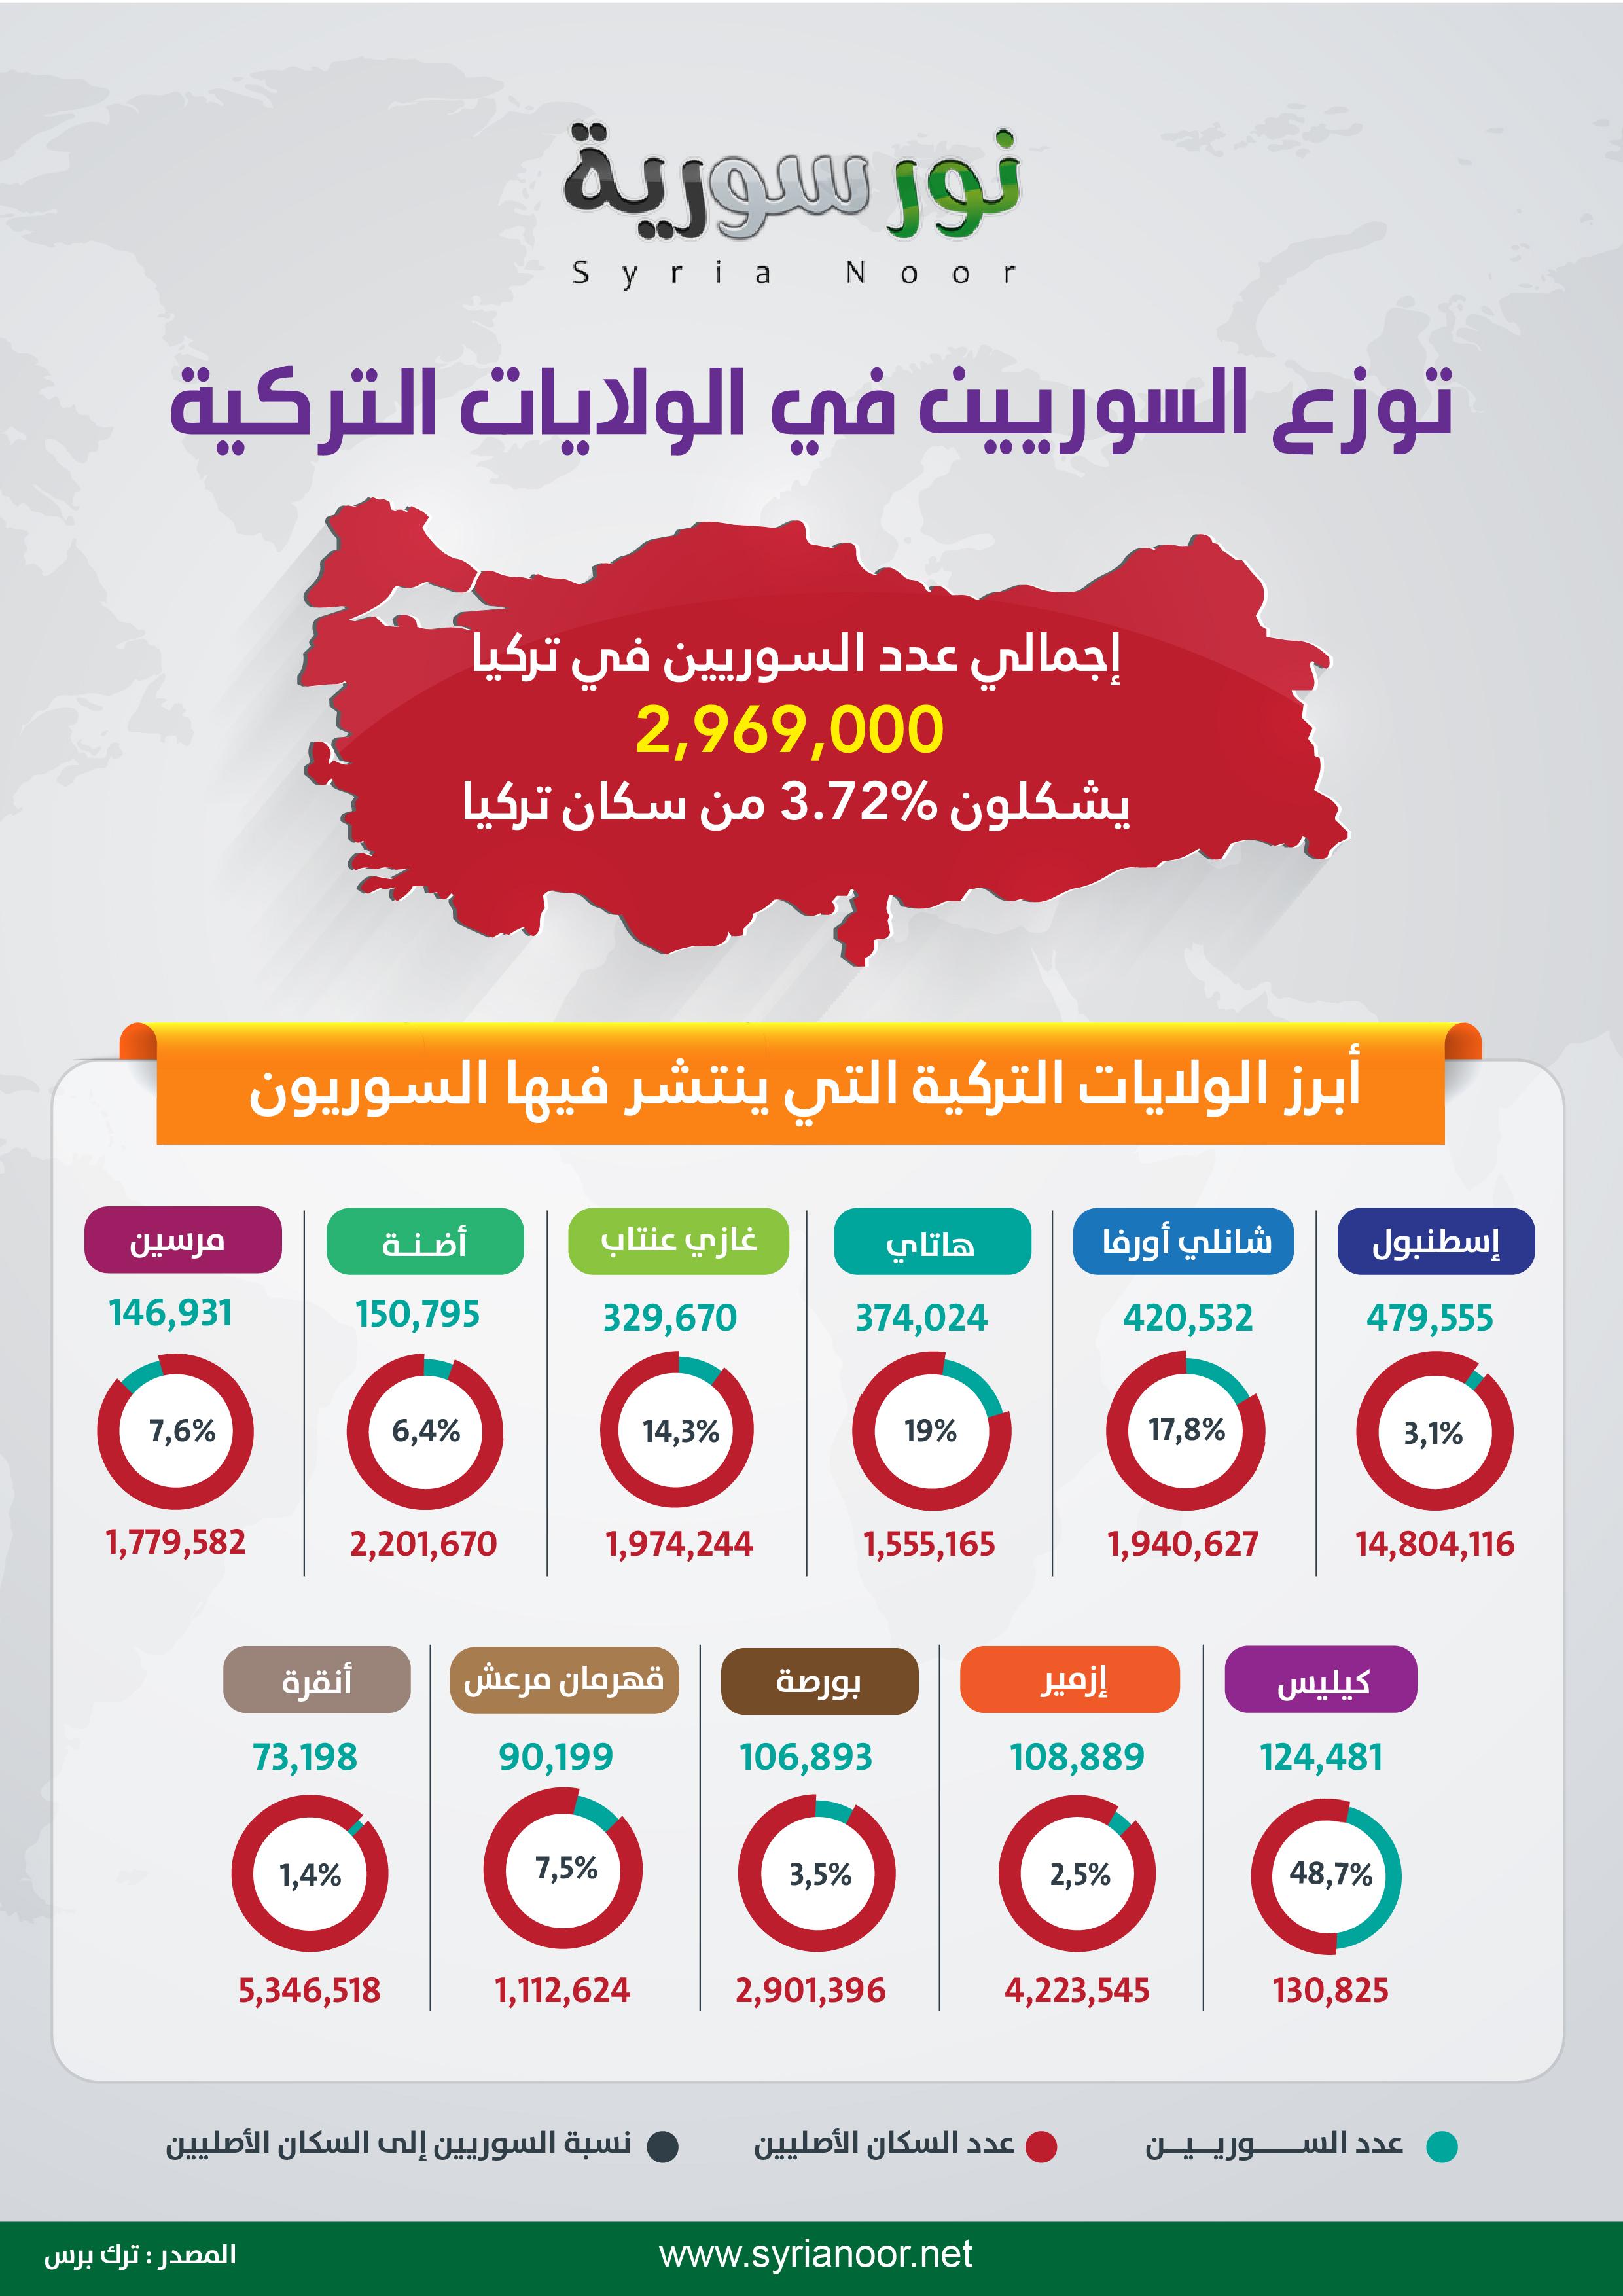 إنفوجرافيك .. توزّع السوريين في الولايات التركية ونسبة عددهم إلى السكان الأصليين